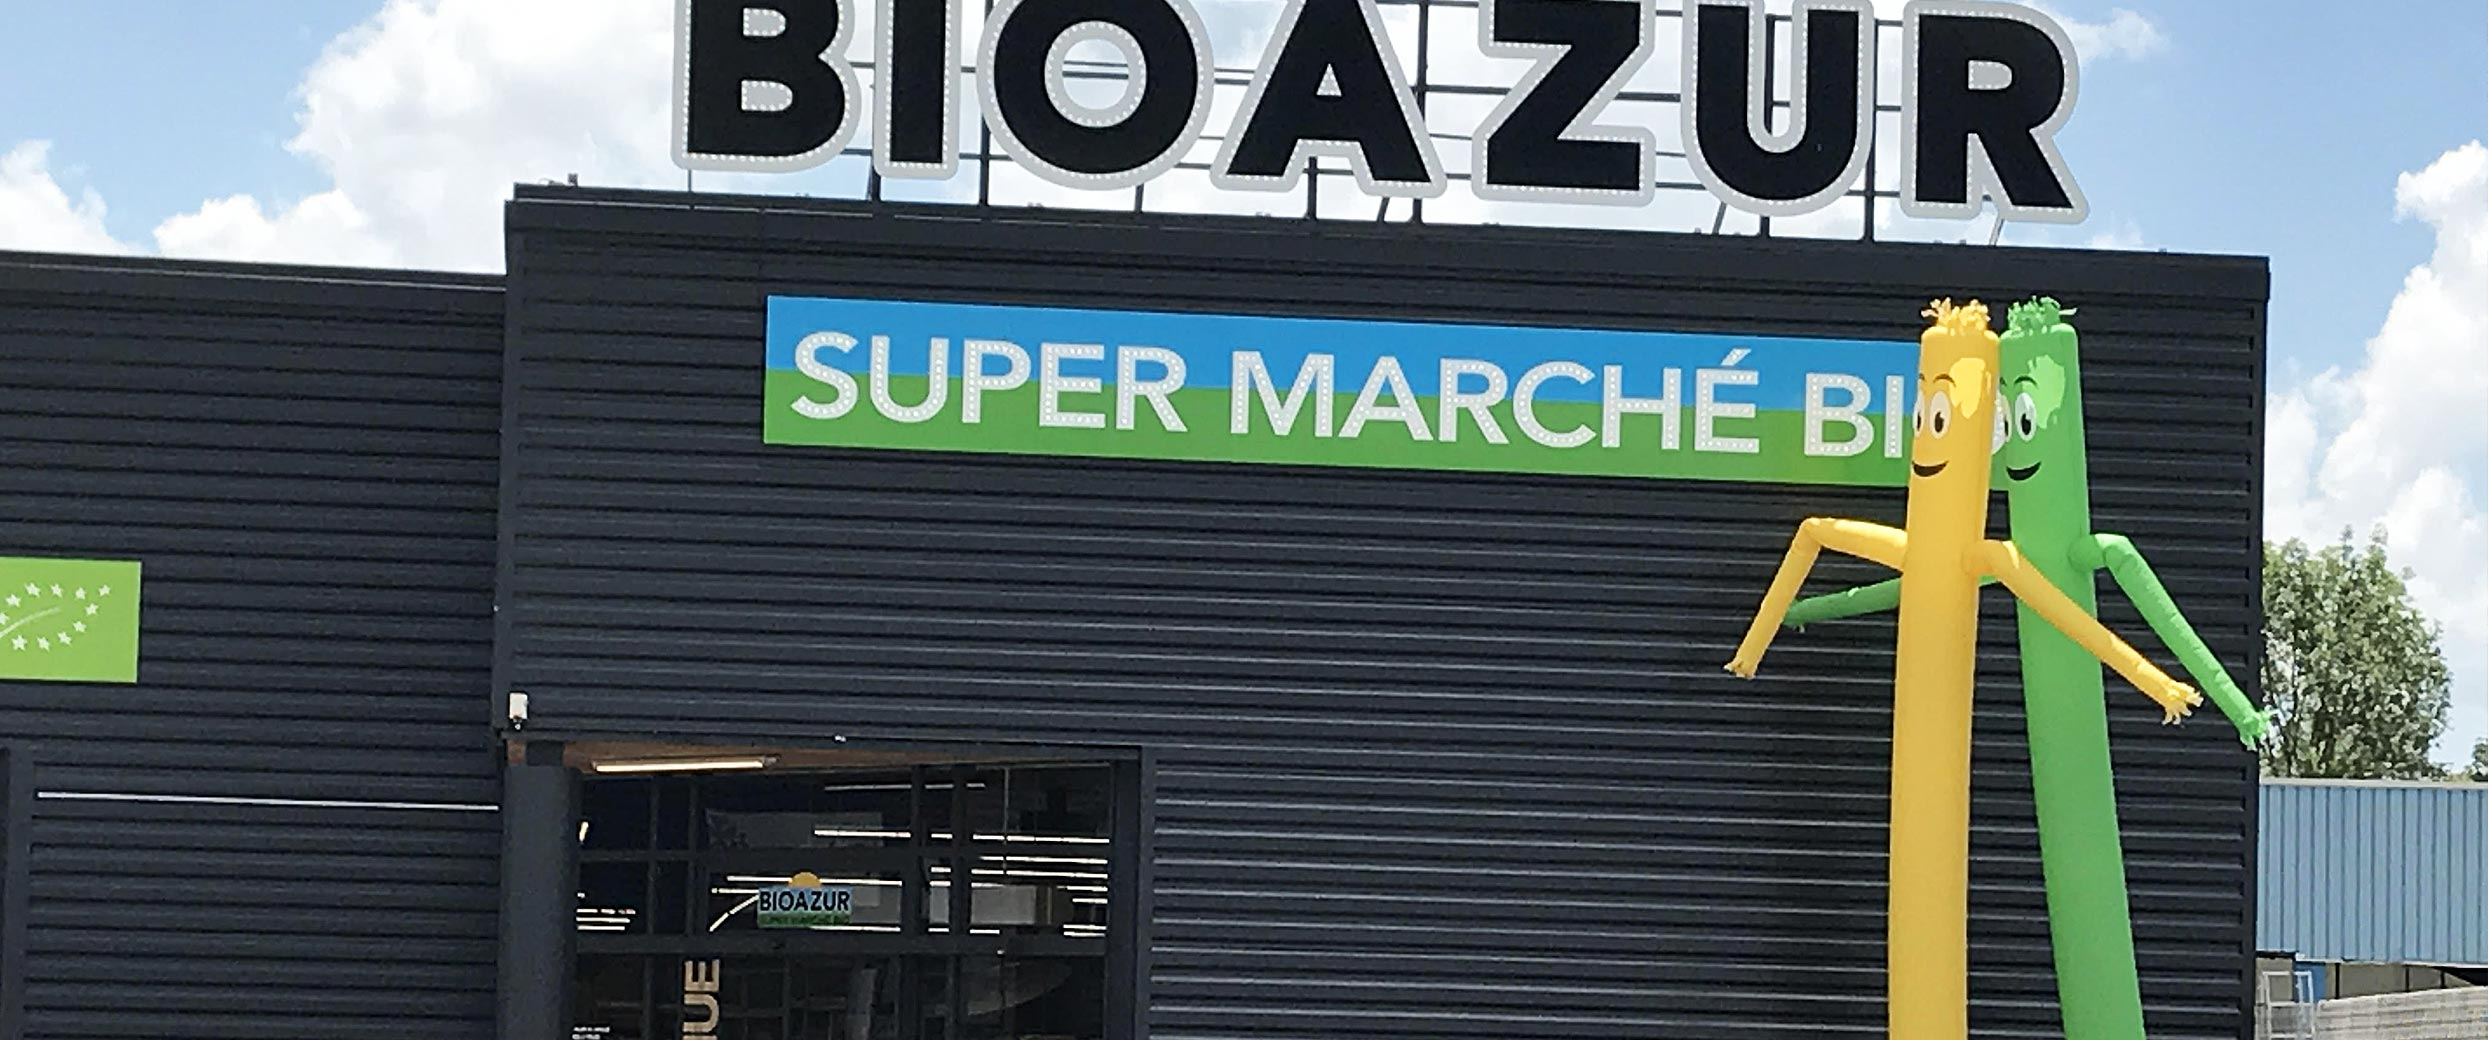 Fabrication de 2 skydancers personnalisés H = 6 m pour la promotion d'un nouveau magasin bio Bioazur à Rodez en région Occitanie.